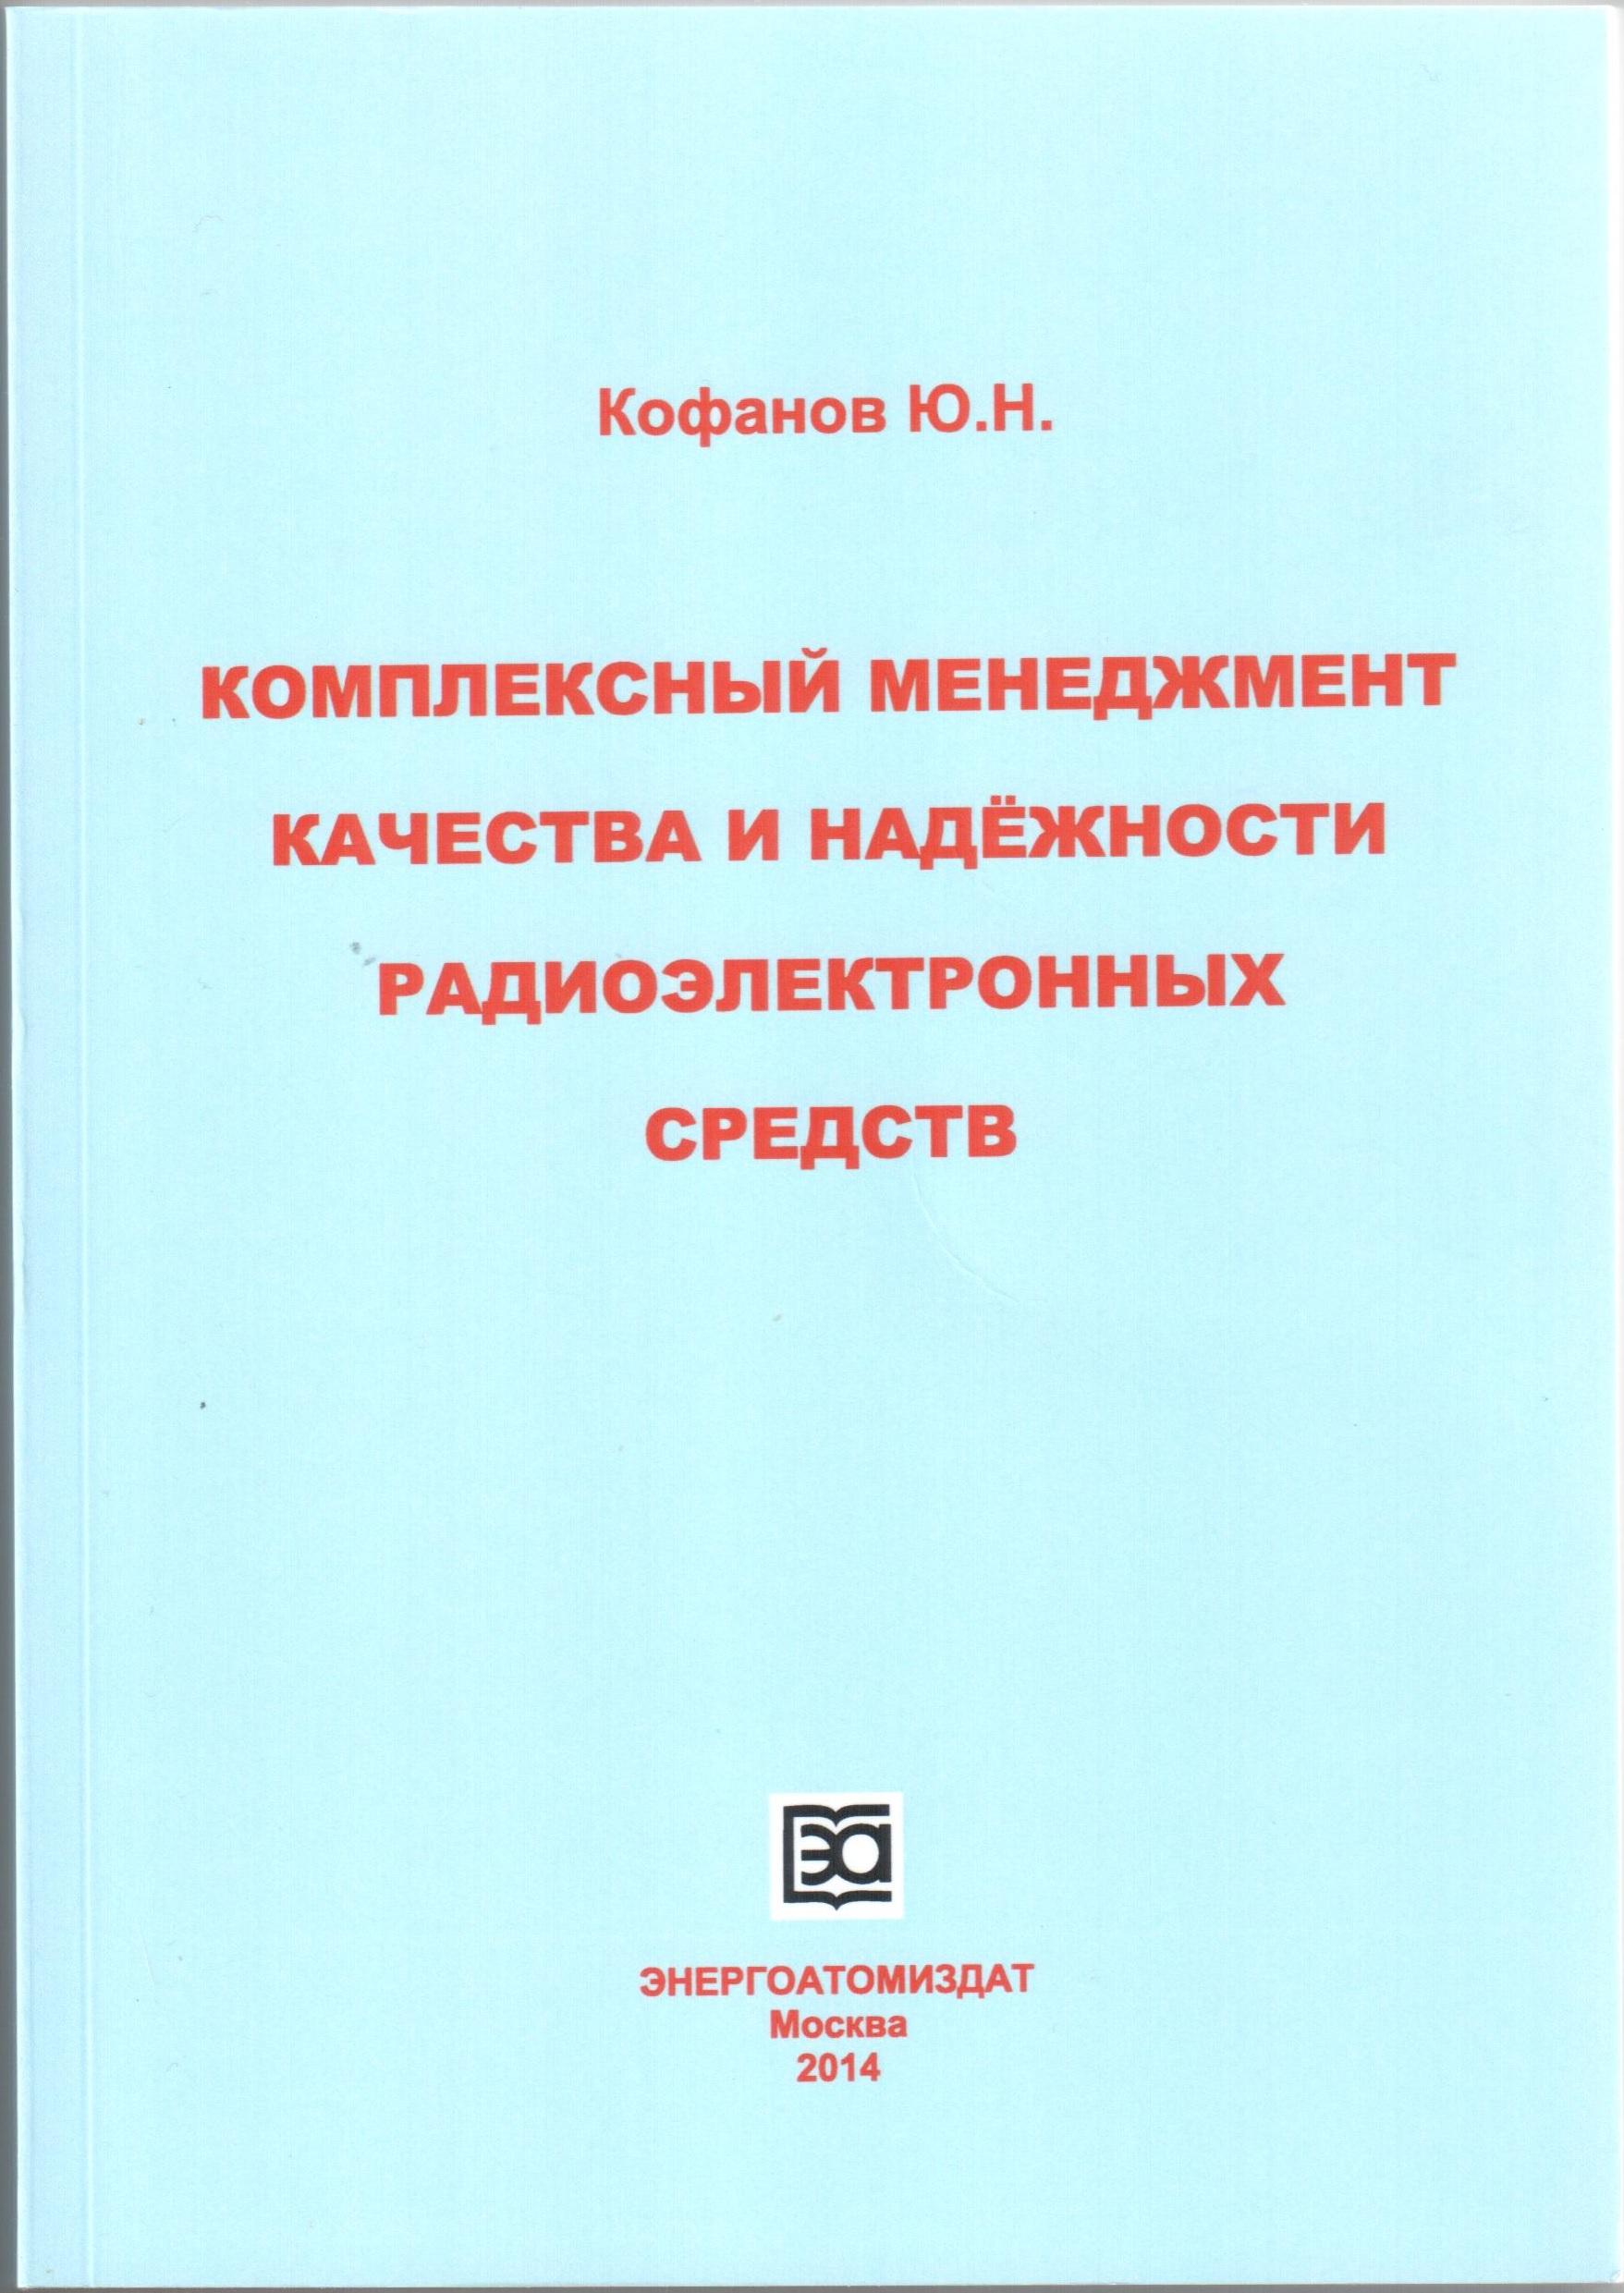 Комплексный менеджмент обеспечения качества и надёжности радиоэлектронных средств